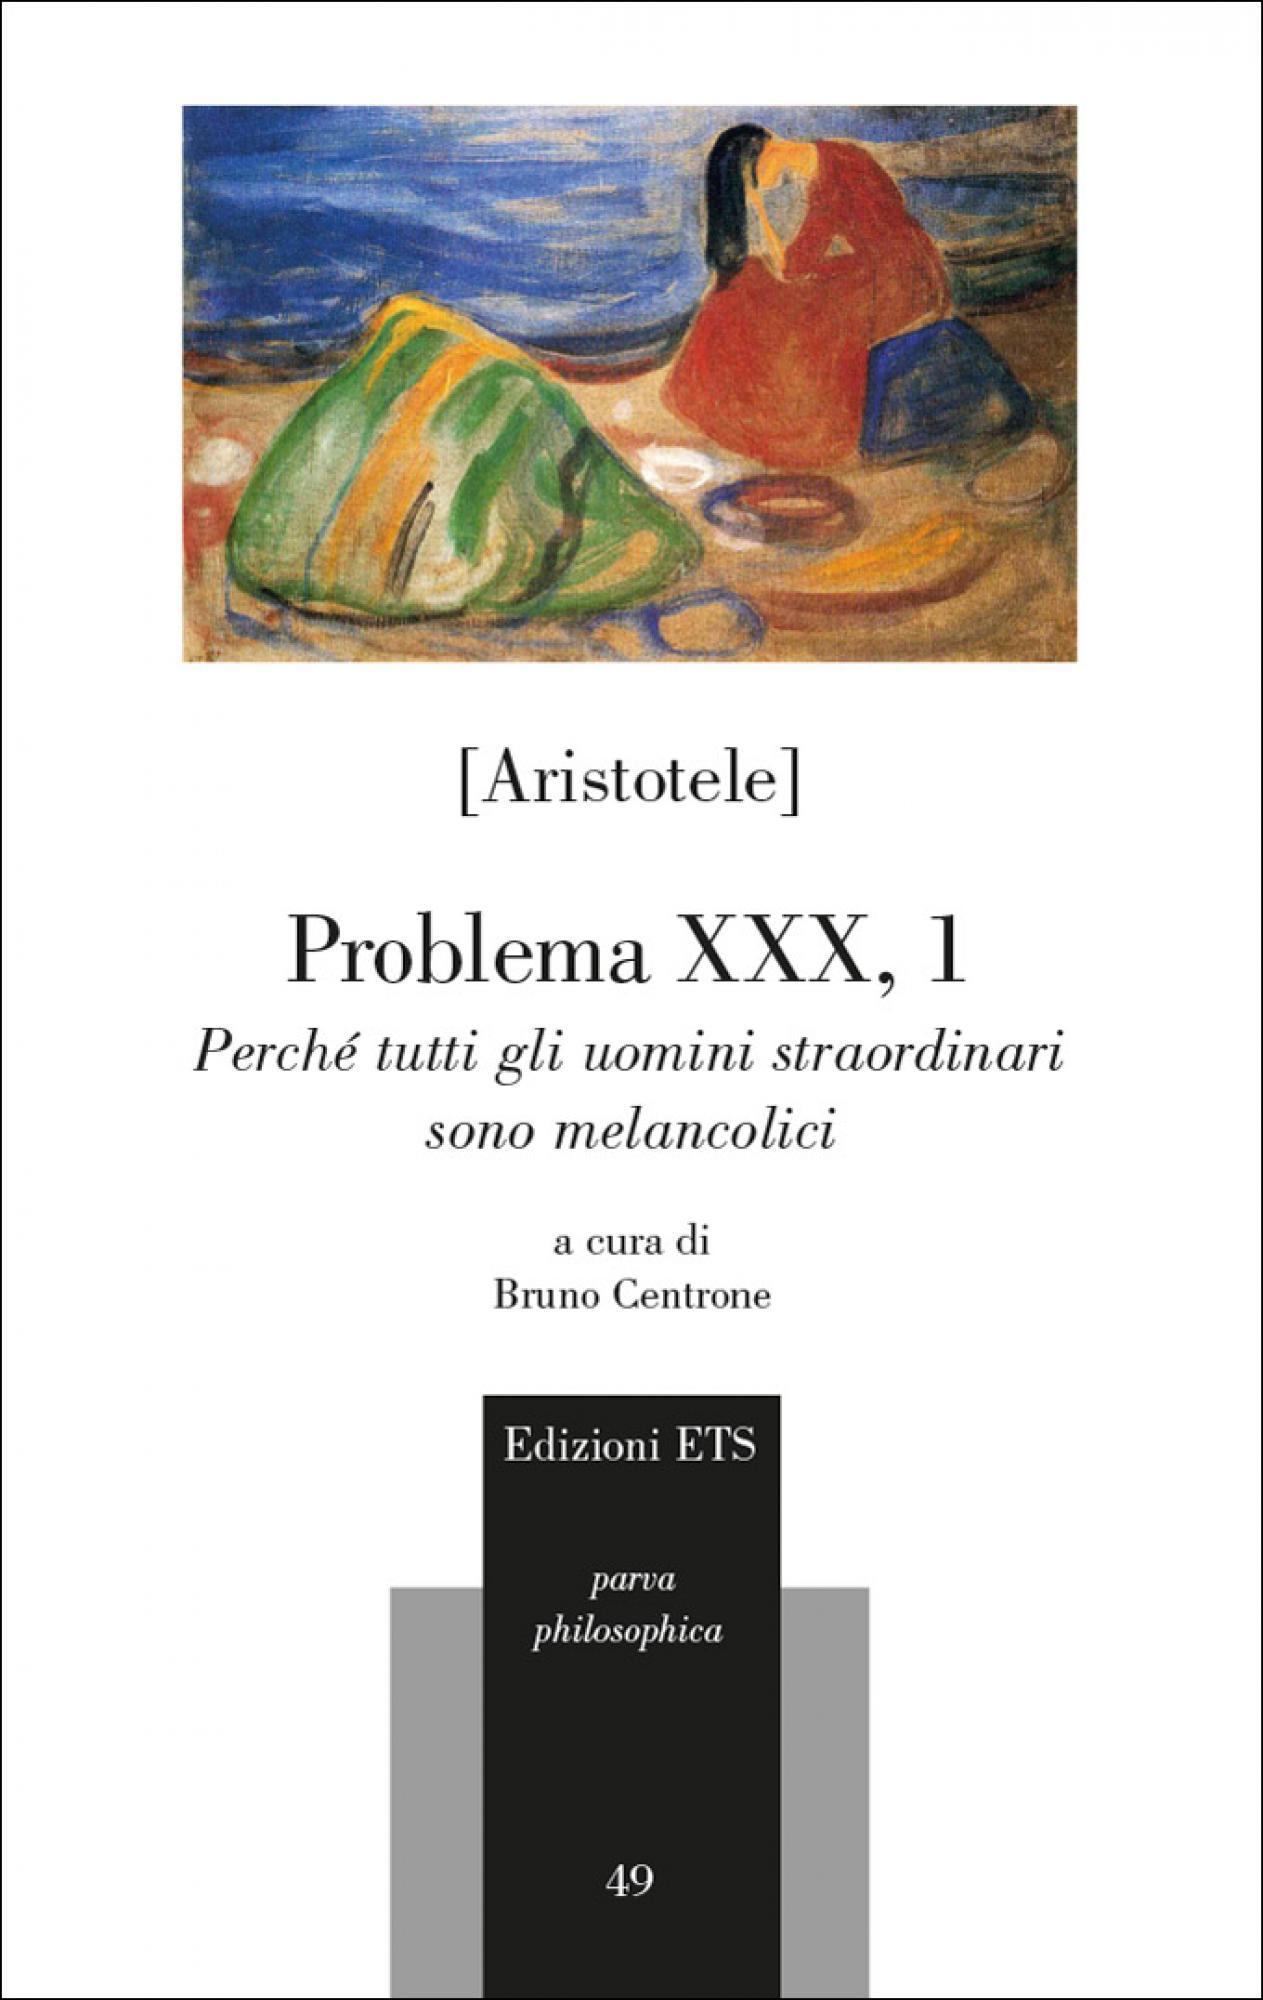 Problema XXX, 1.Perché tutti gli uomini straordinari sono melancolici